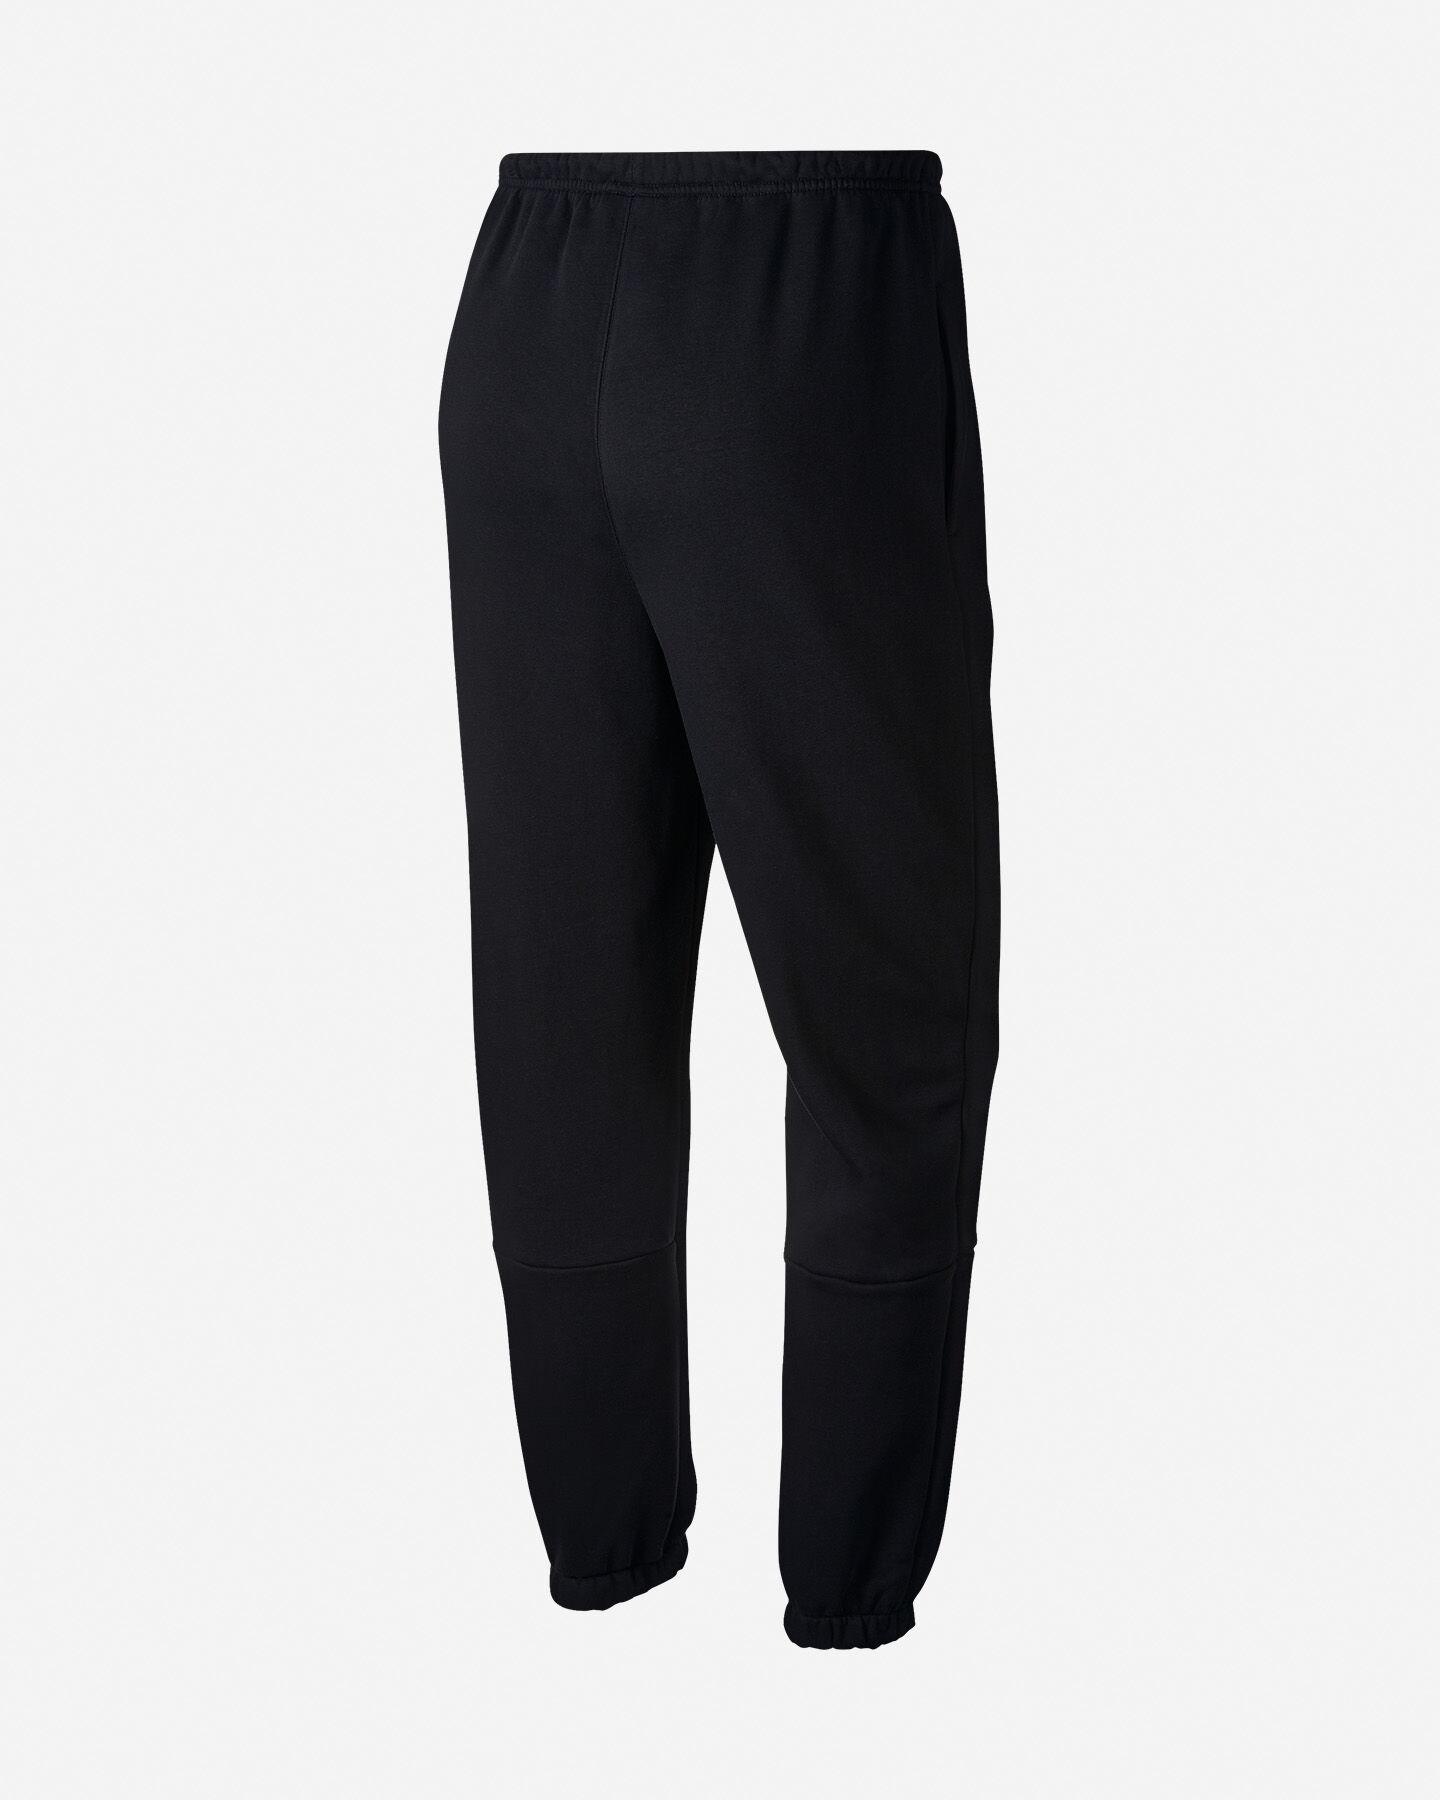 Pantaloncini basket NIKE JORDAN JUMPMAN AIR M S5227845 scatto 1